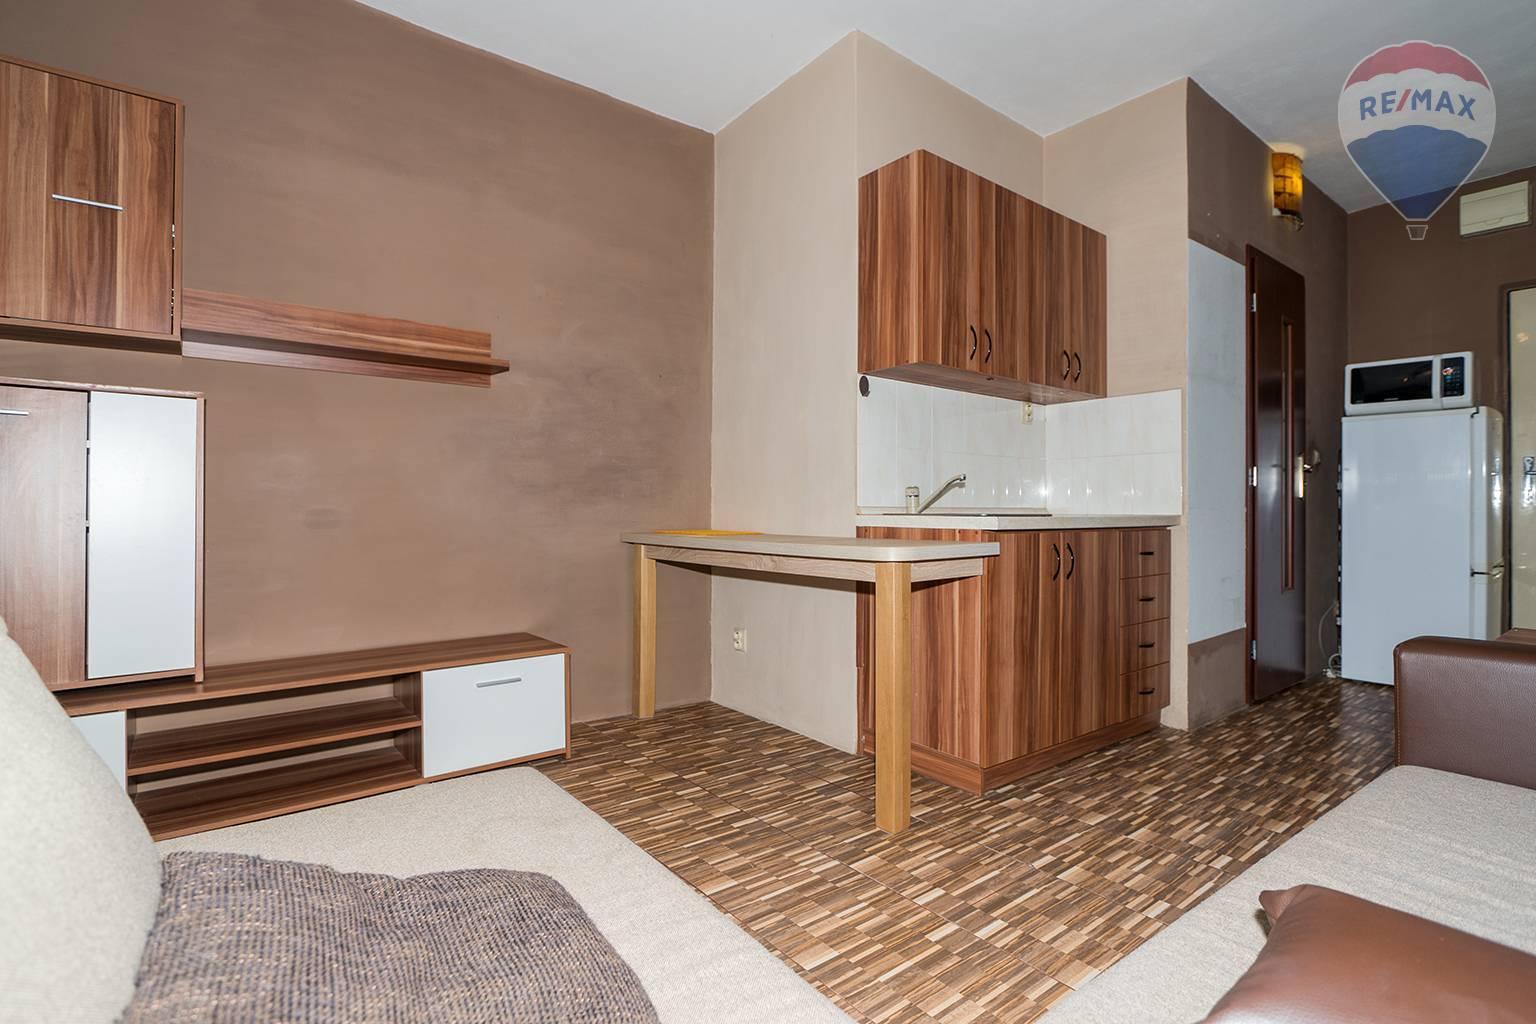 Rezervované: 1 izbový byt, Liptovský Mikuláš - Nábrežie